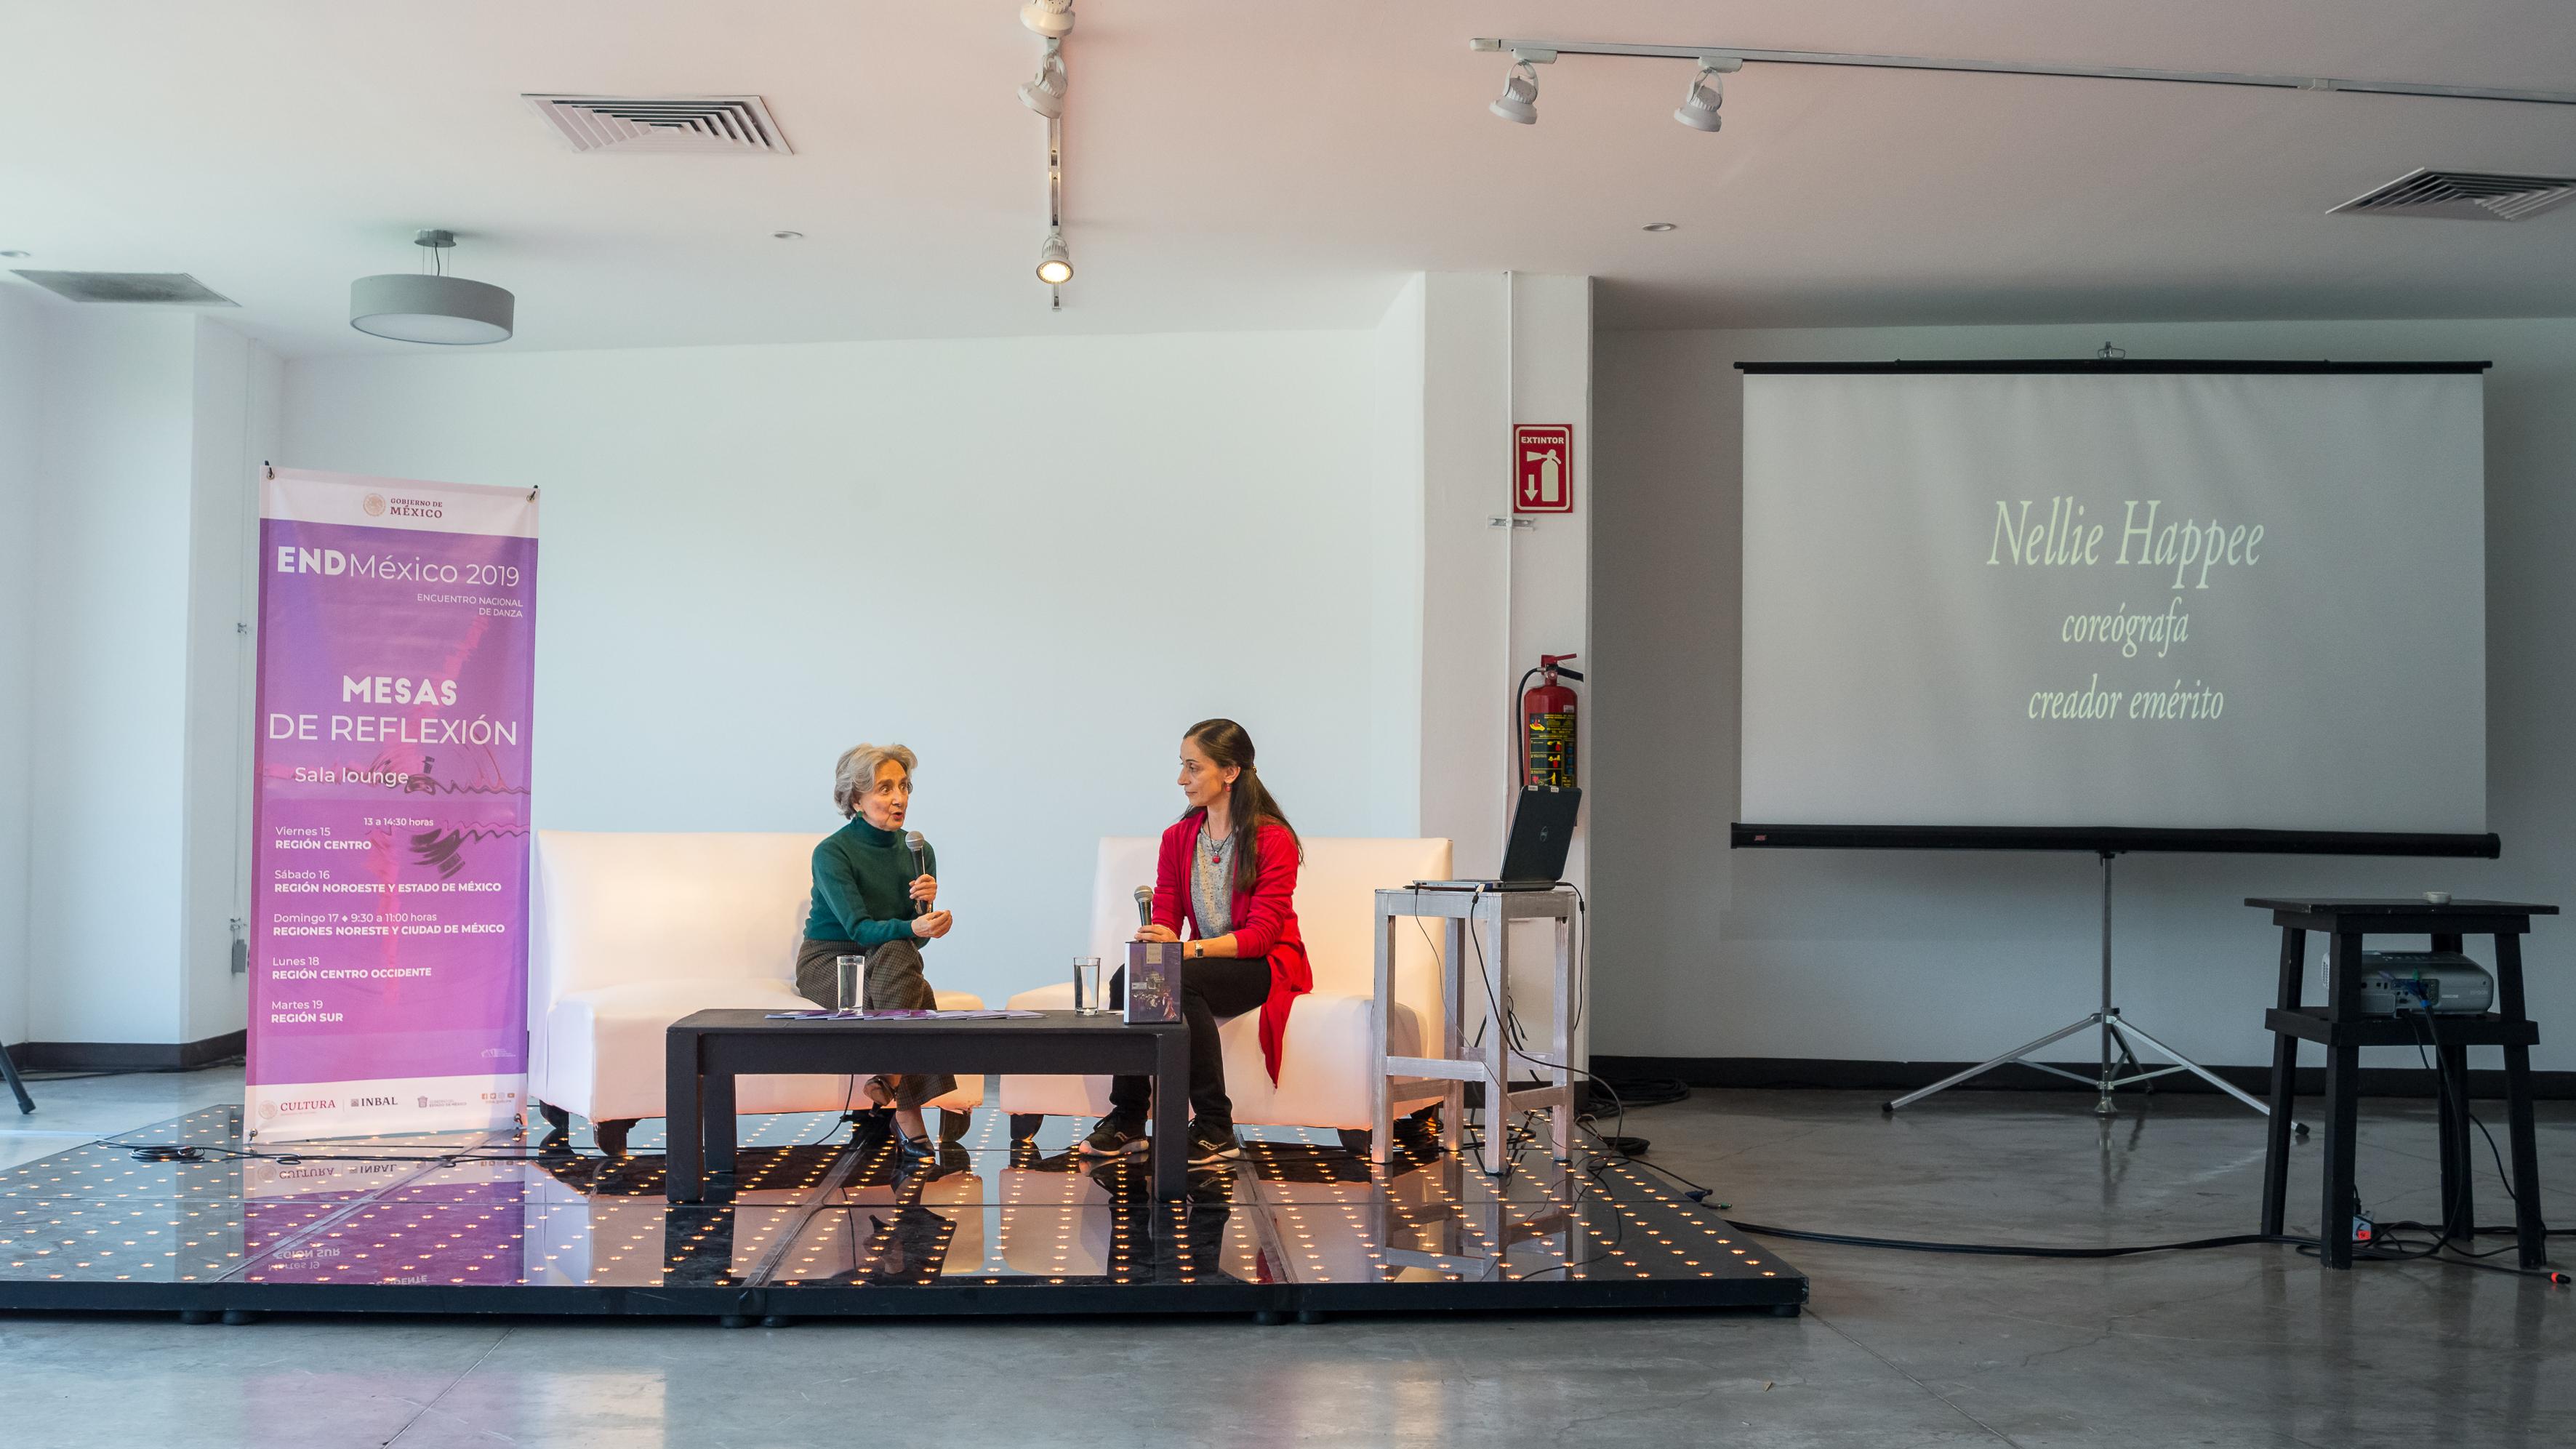 Charla Magistral, Nelliee Happe, Sala lounge, Fotografía:©Glor